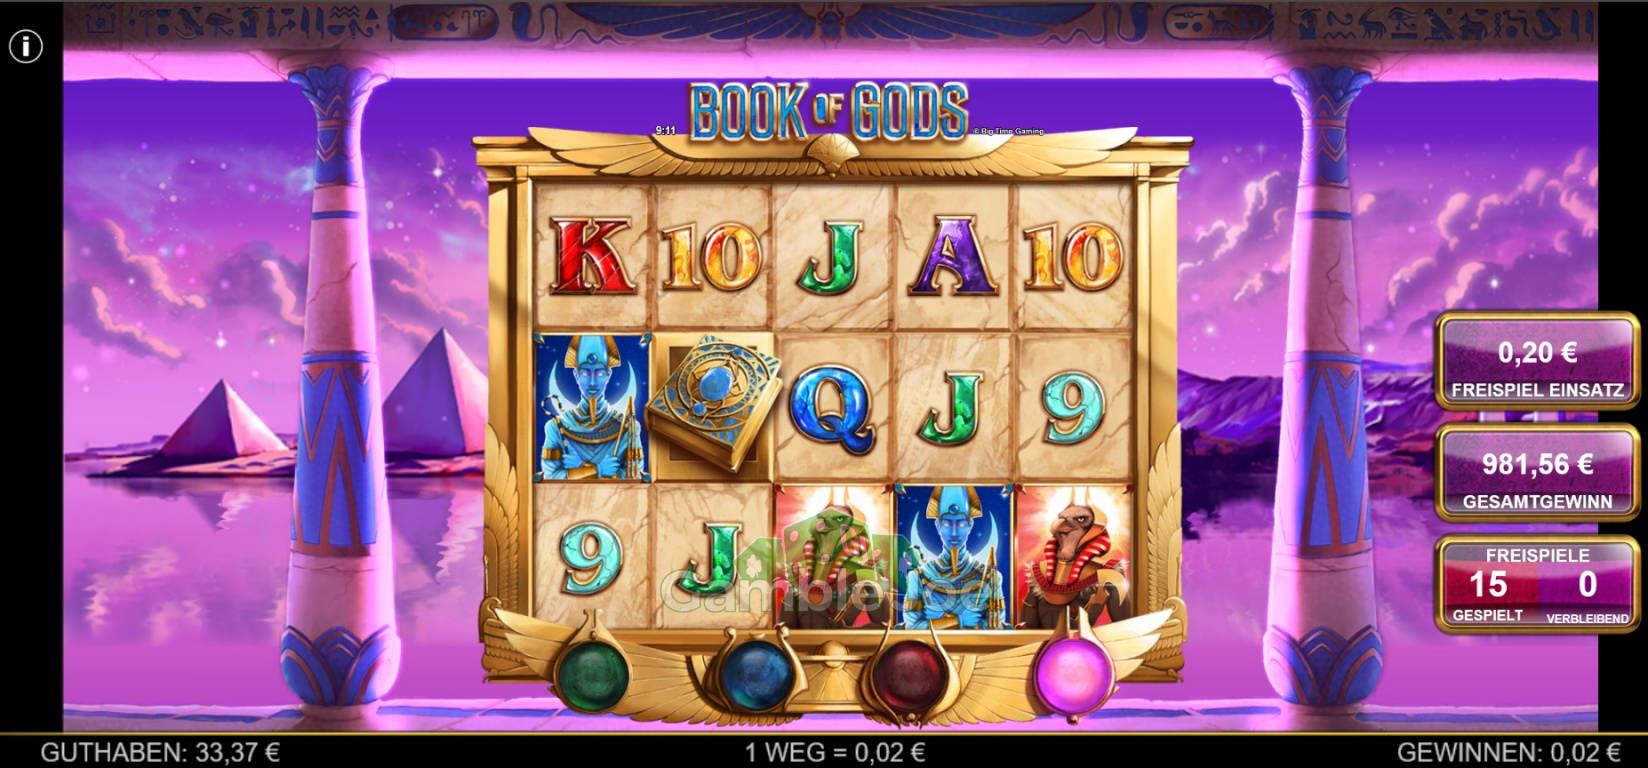 Book of Gods Gewinnbild von Gamble14